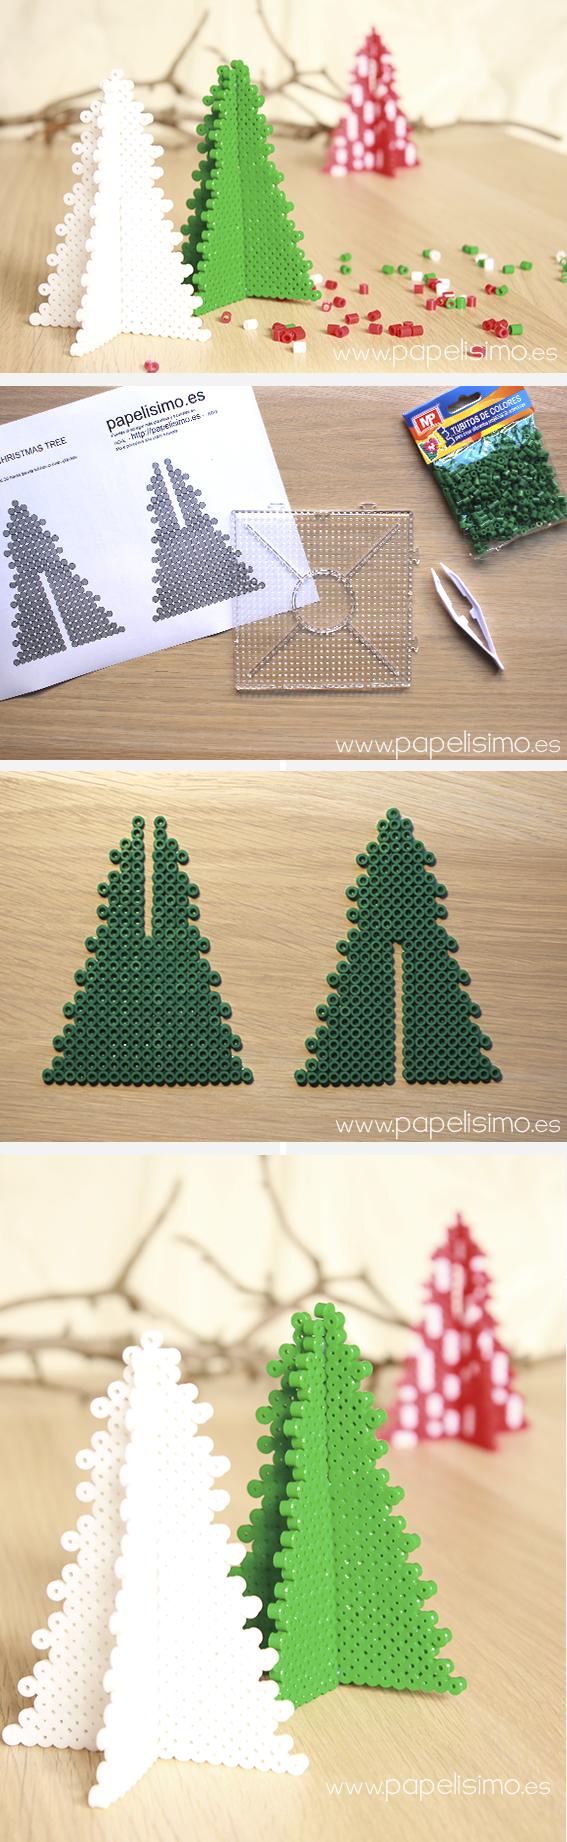 C mo hacer rbol 3d de navidad con tubitos tipo hama - Hacer arbol navidad ...